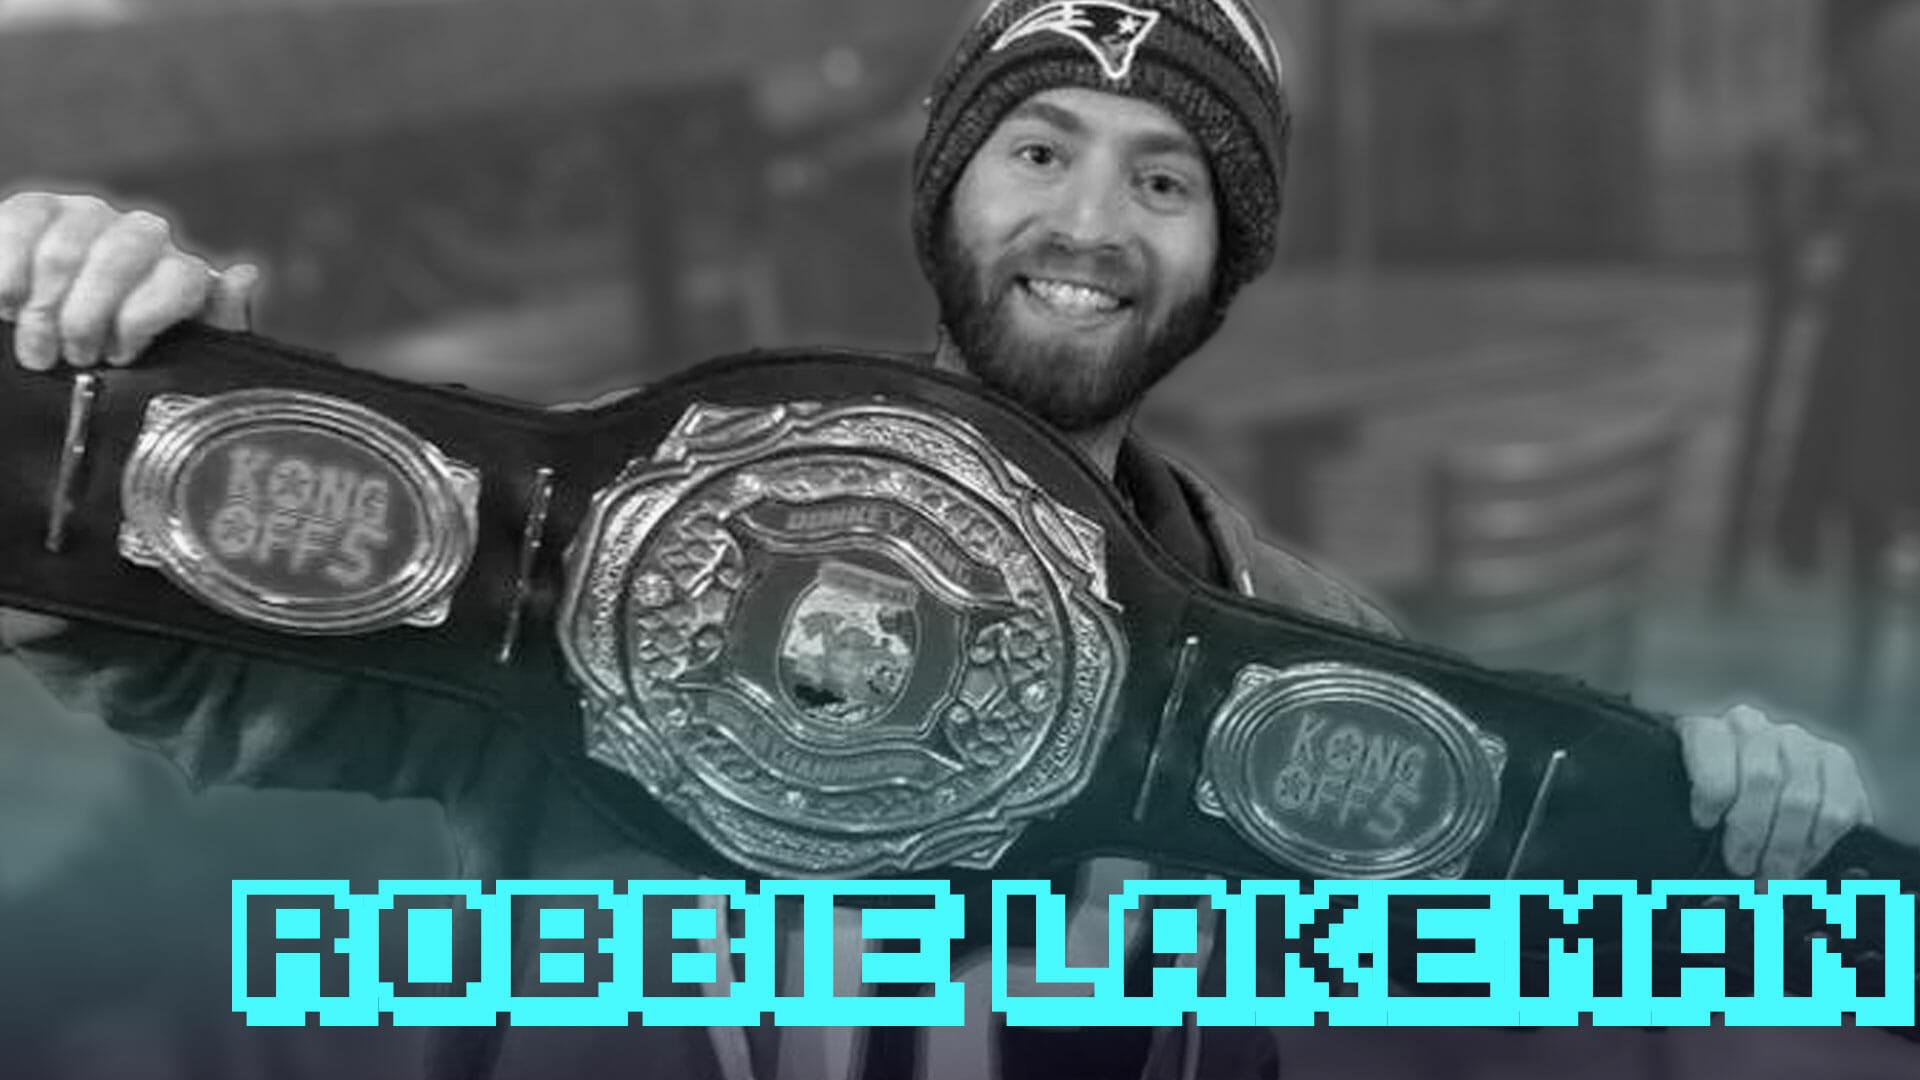 Robbie Lakeman - Donkey Kong World Champion